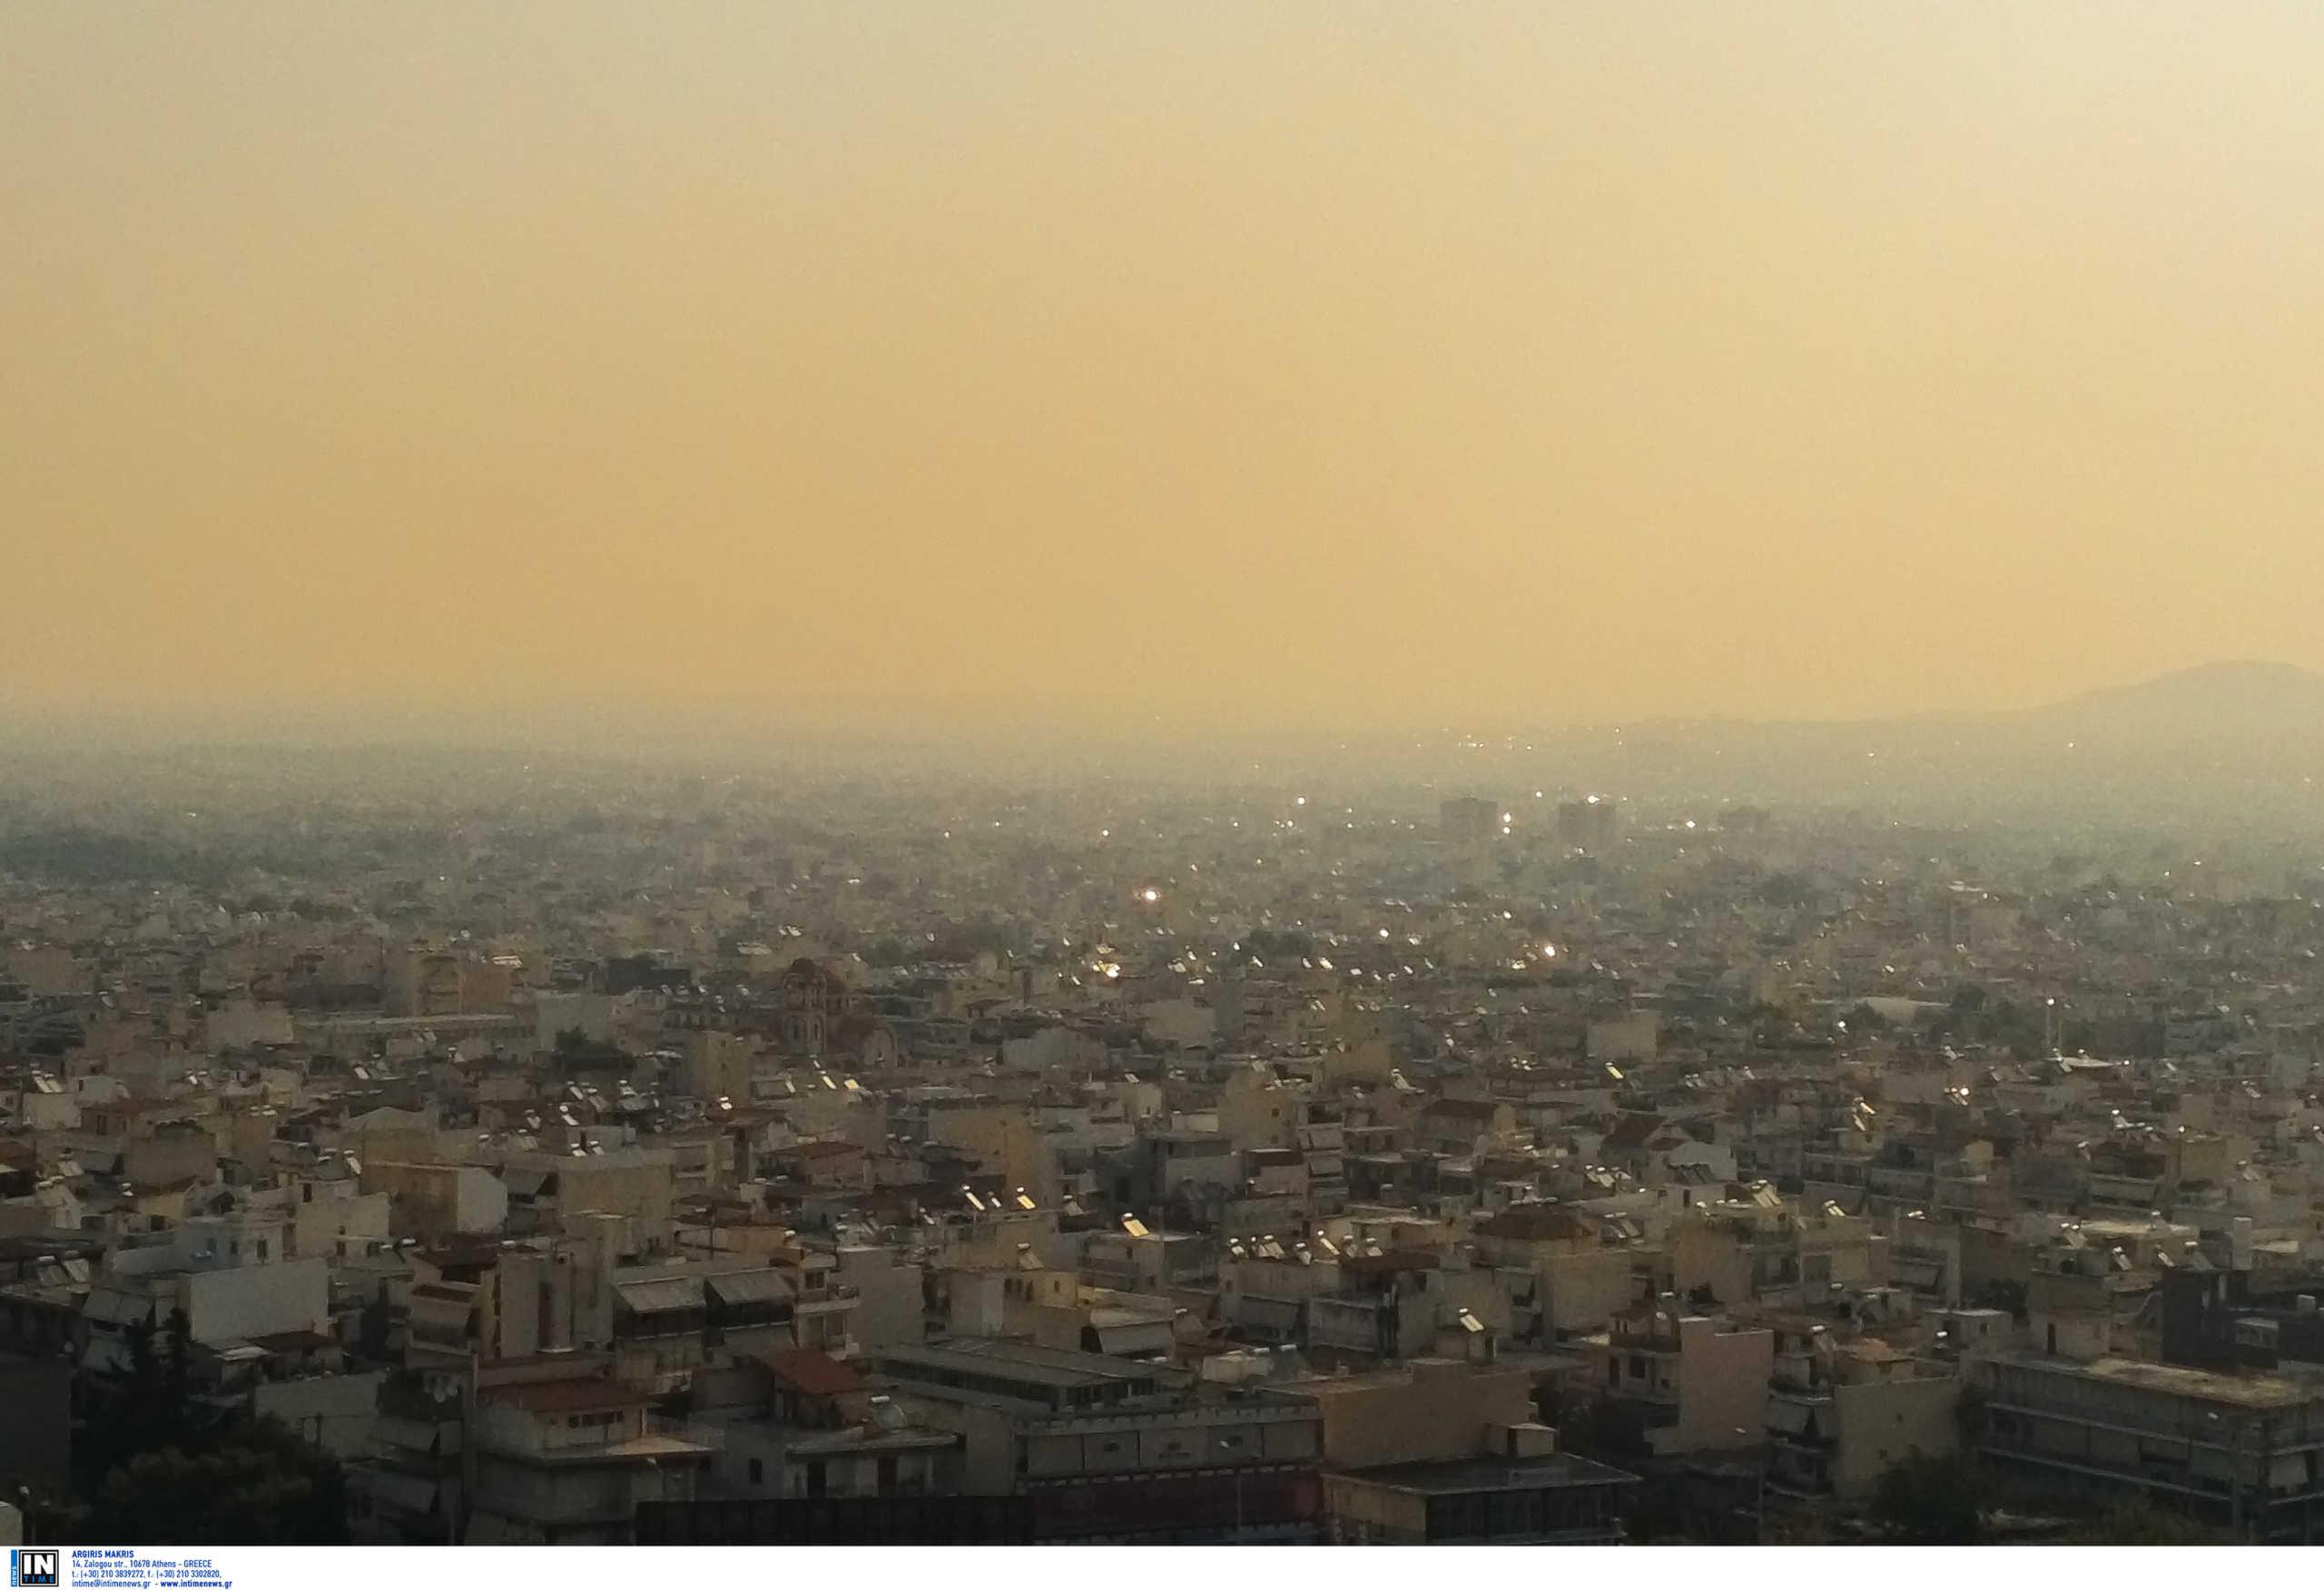 Η ατμοσφαιρική ρύπανση σκοτώνει πιο πολύ από τον κορονοϊό: 8.500 θάνατοι κάθε χρόνο